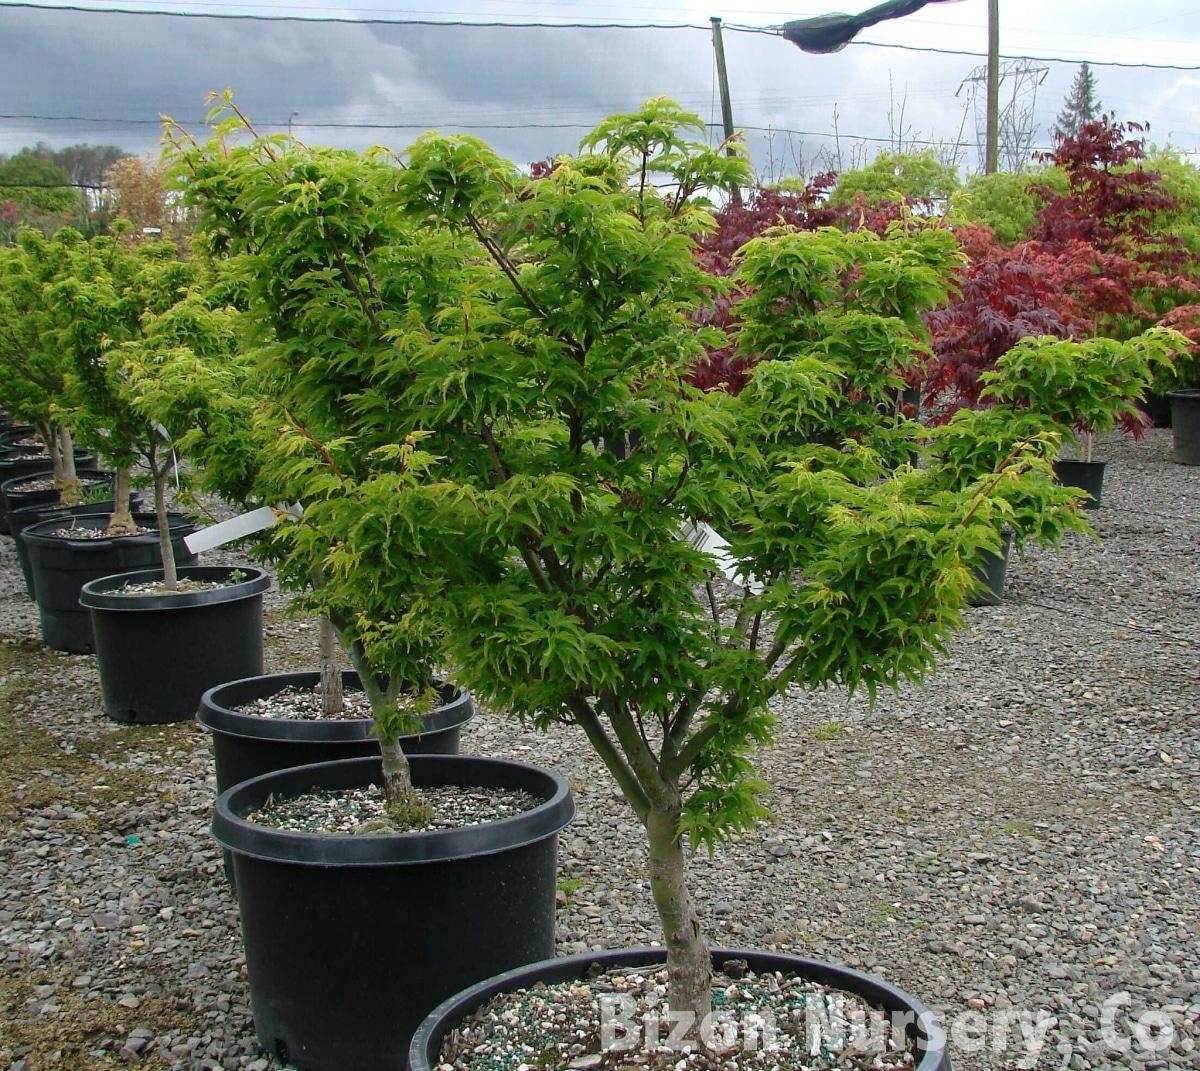 El arce japonés es un arbusto o arbolito caducifolio